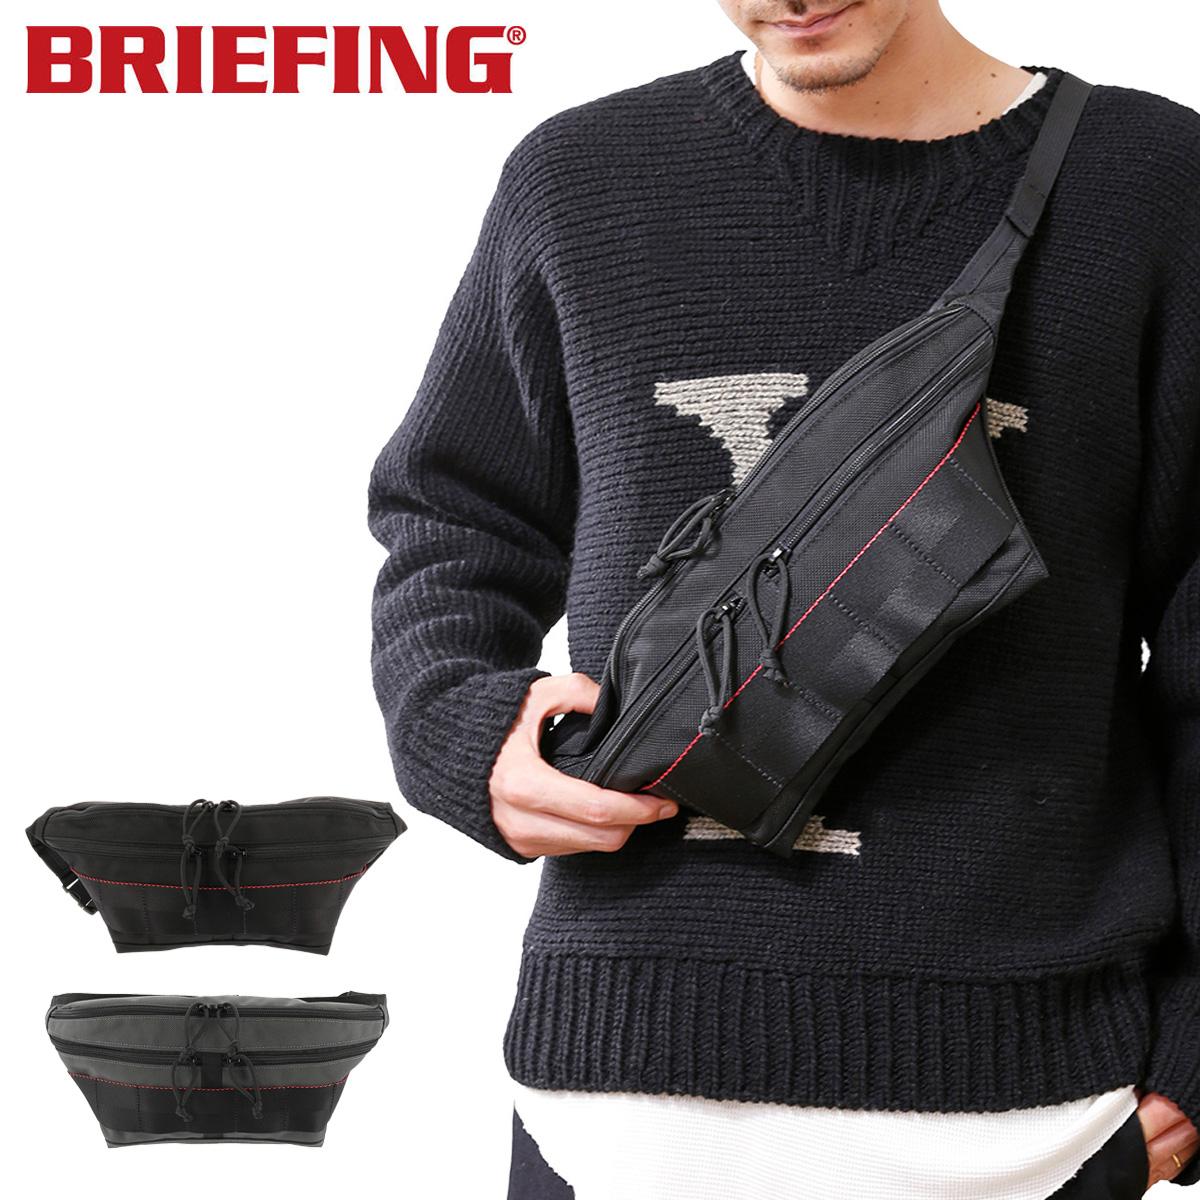 ブリーフィング ボディバッグ USA メンズ BRM183209 BRIEFING   FACE ウエストバッグ ナイロン[PO10][bef][即日発送]